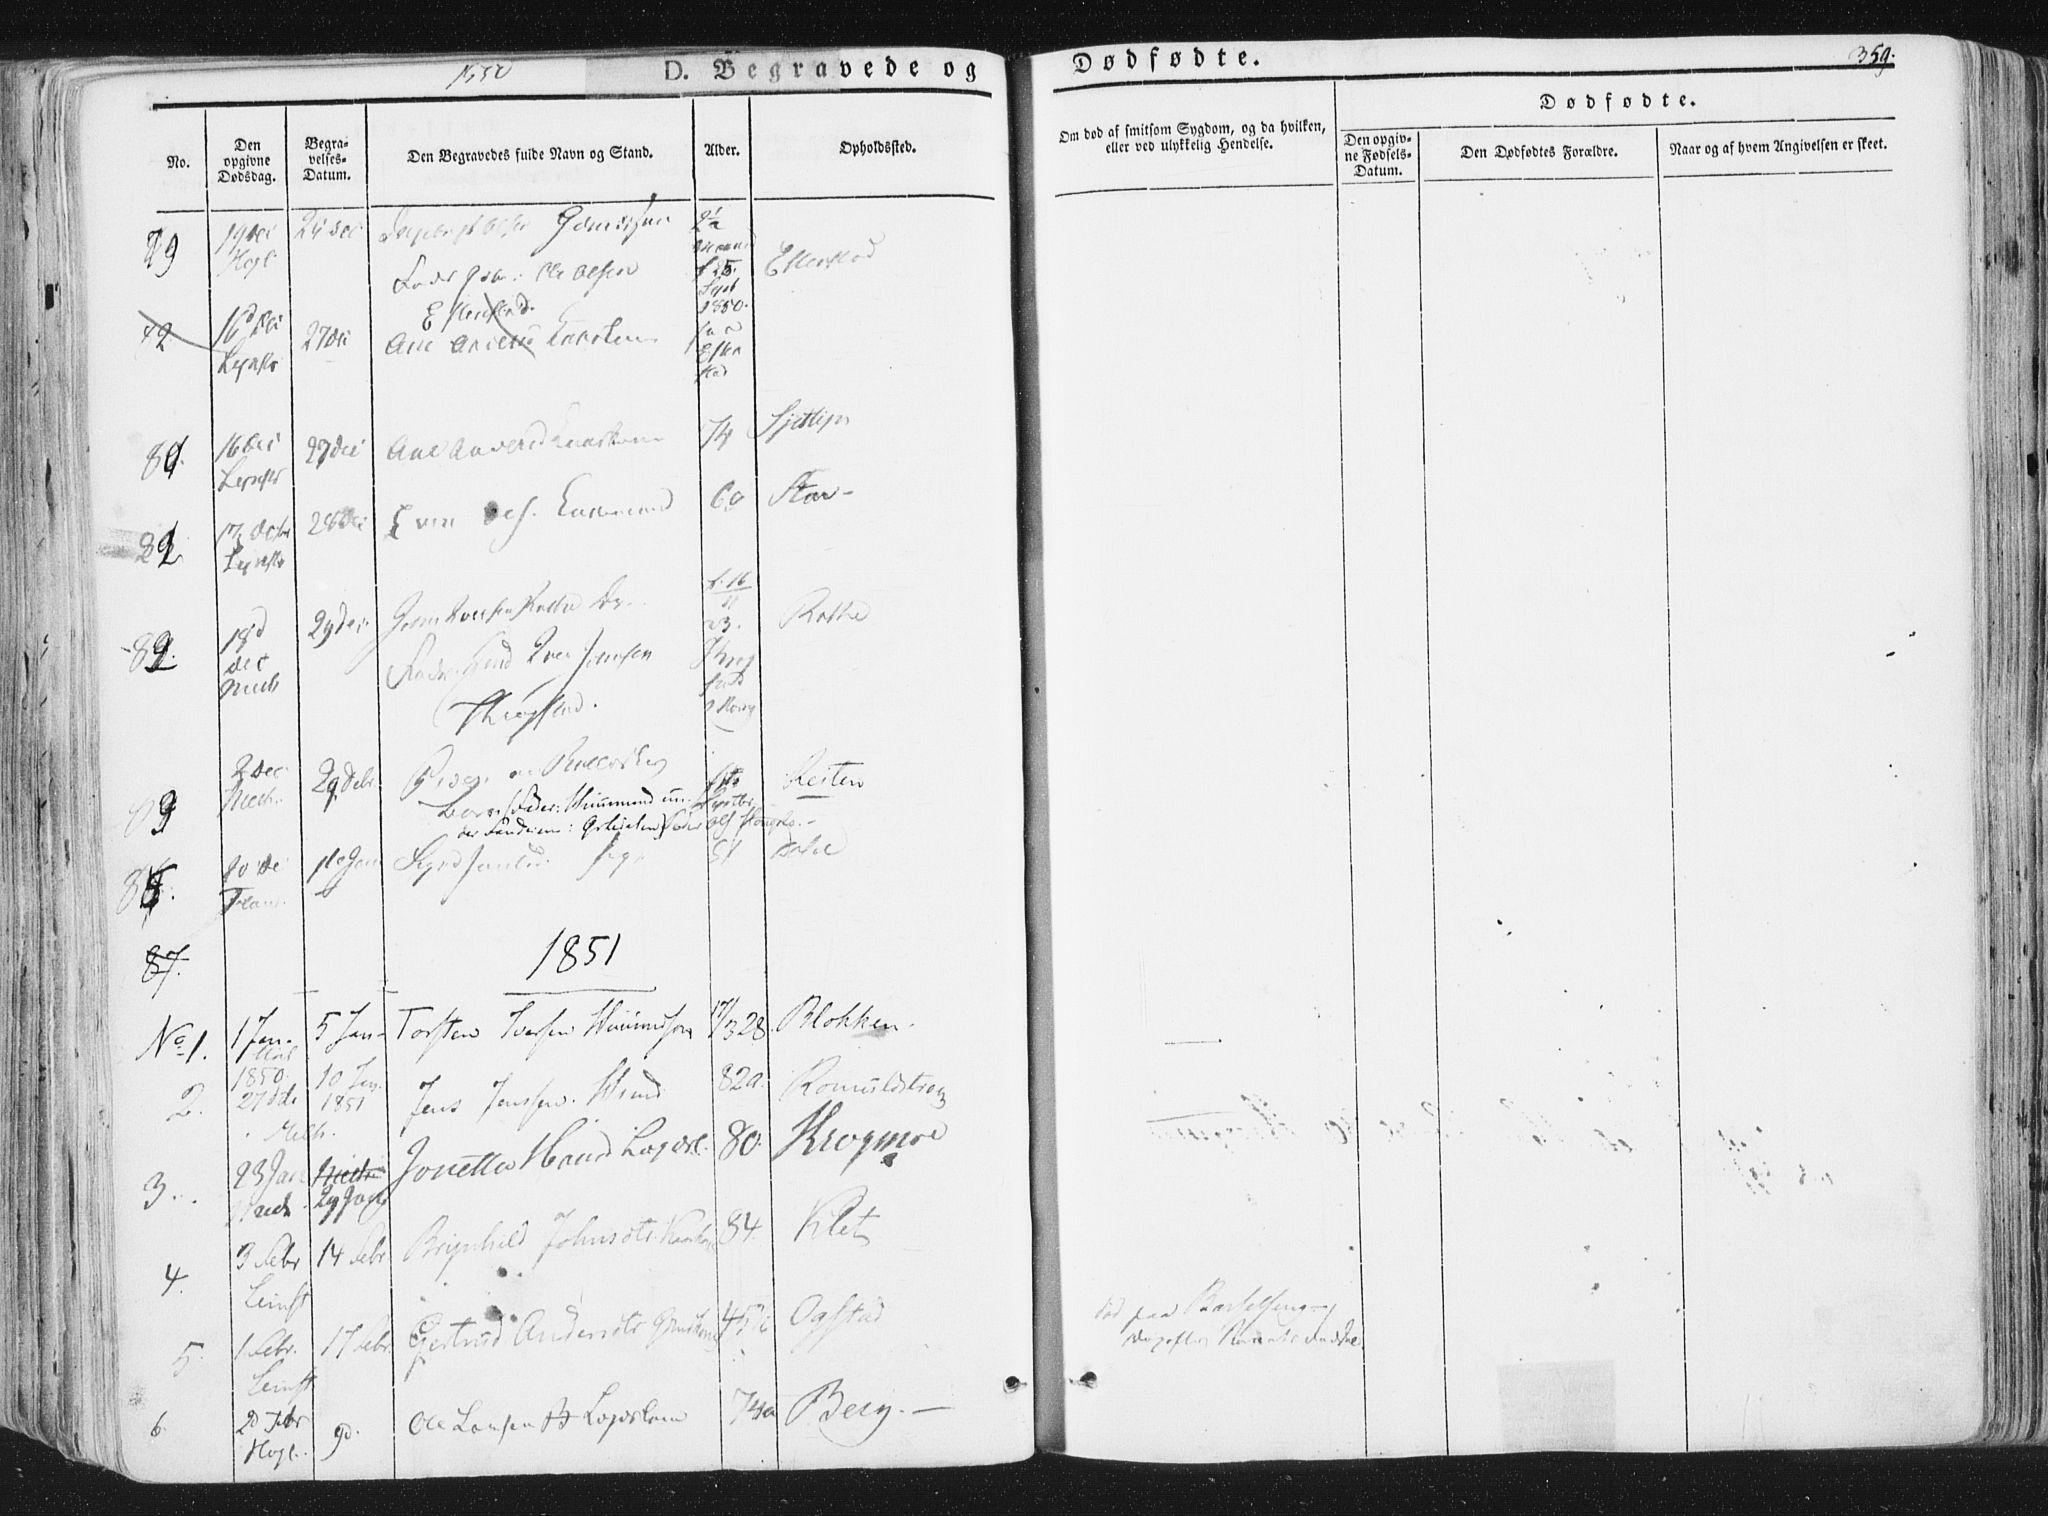 SAT, Ministerialprotokoller, klokkerbøker og fødselsregistre - Sør-Trøndelag, 691/L1074: Ministerialbok nr. 691A06, 1842-1852, s. 359